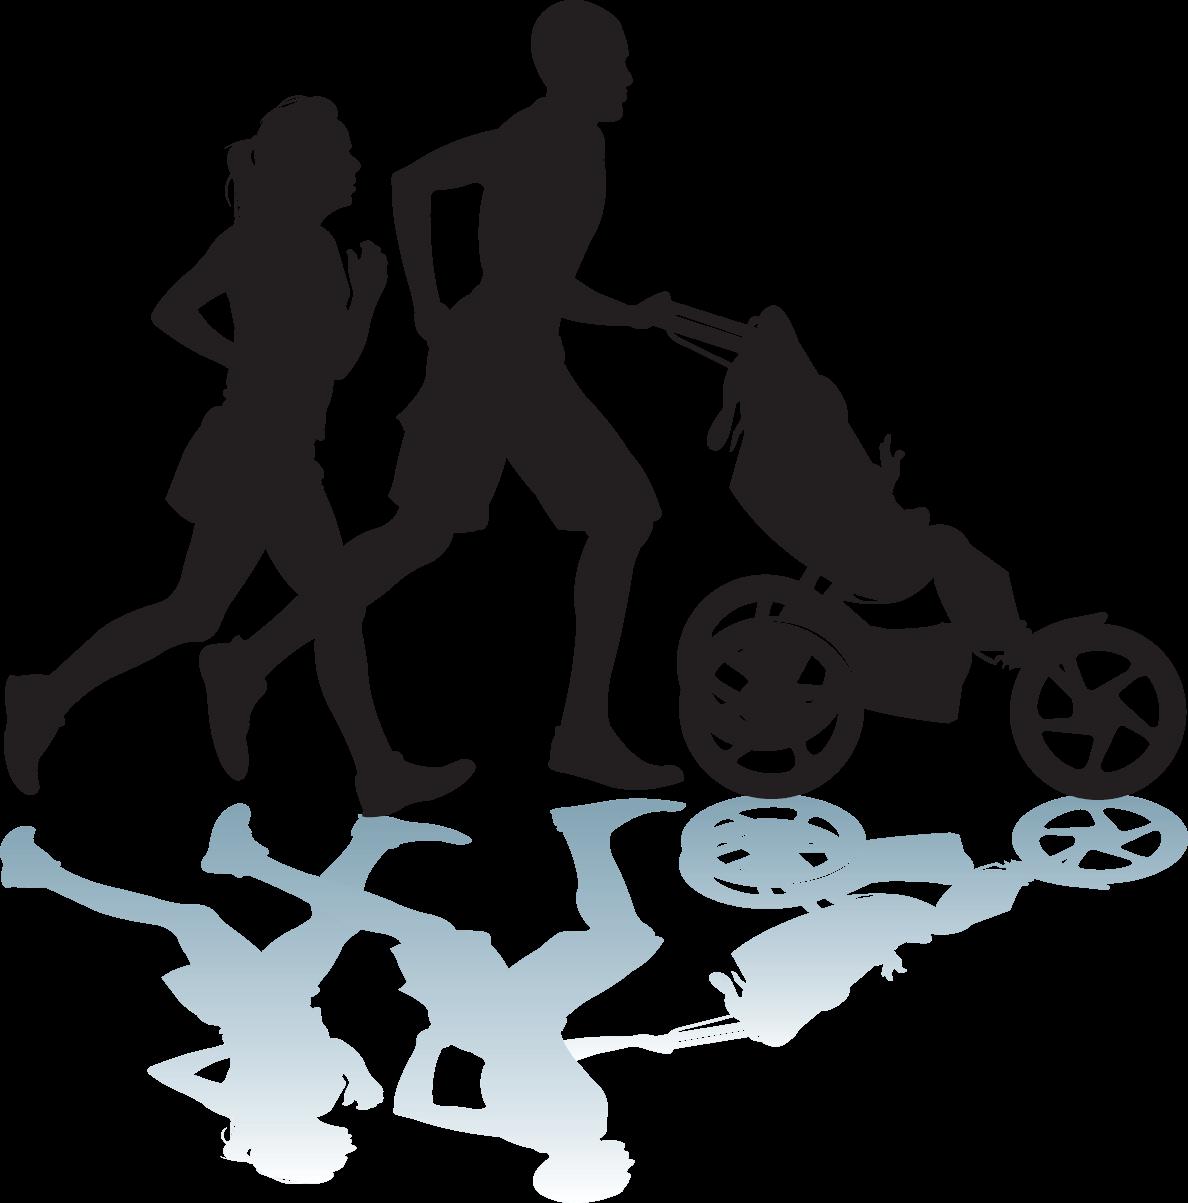 Clipart girl fitness. Exercise silhouette clip art